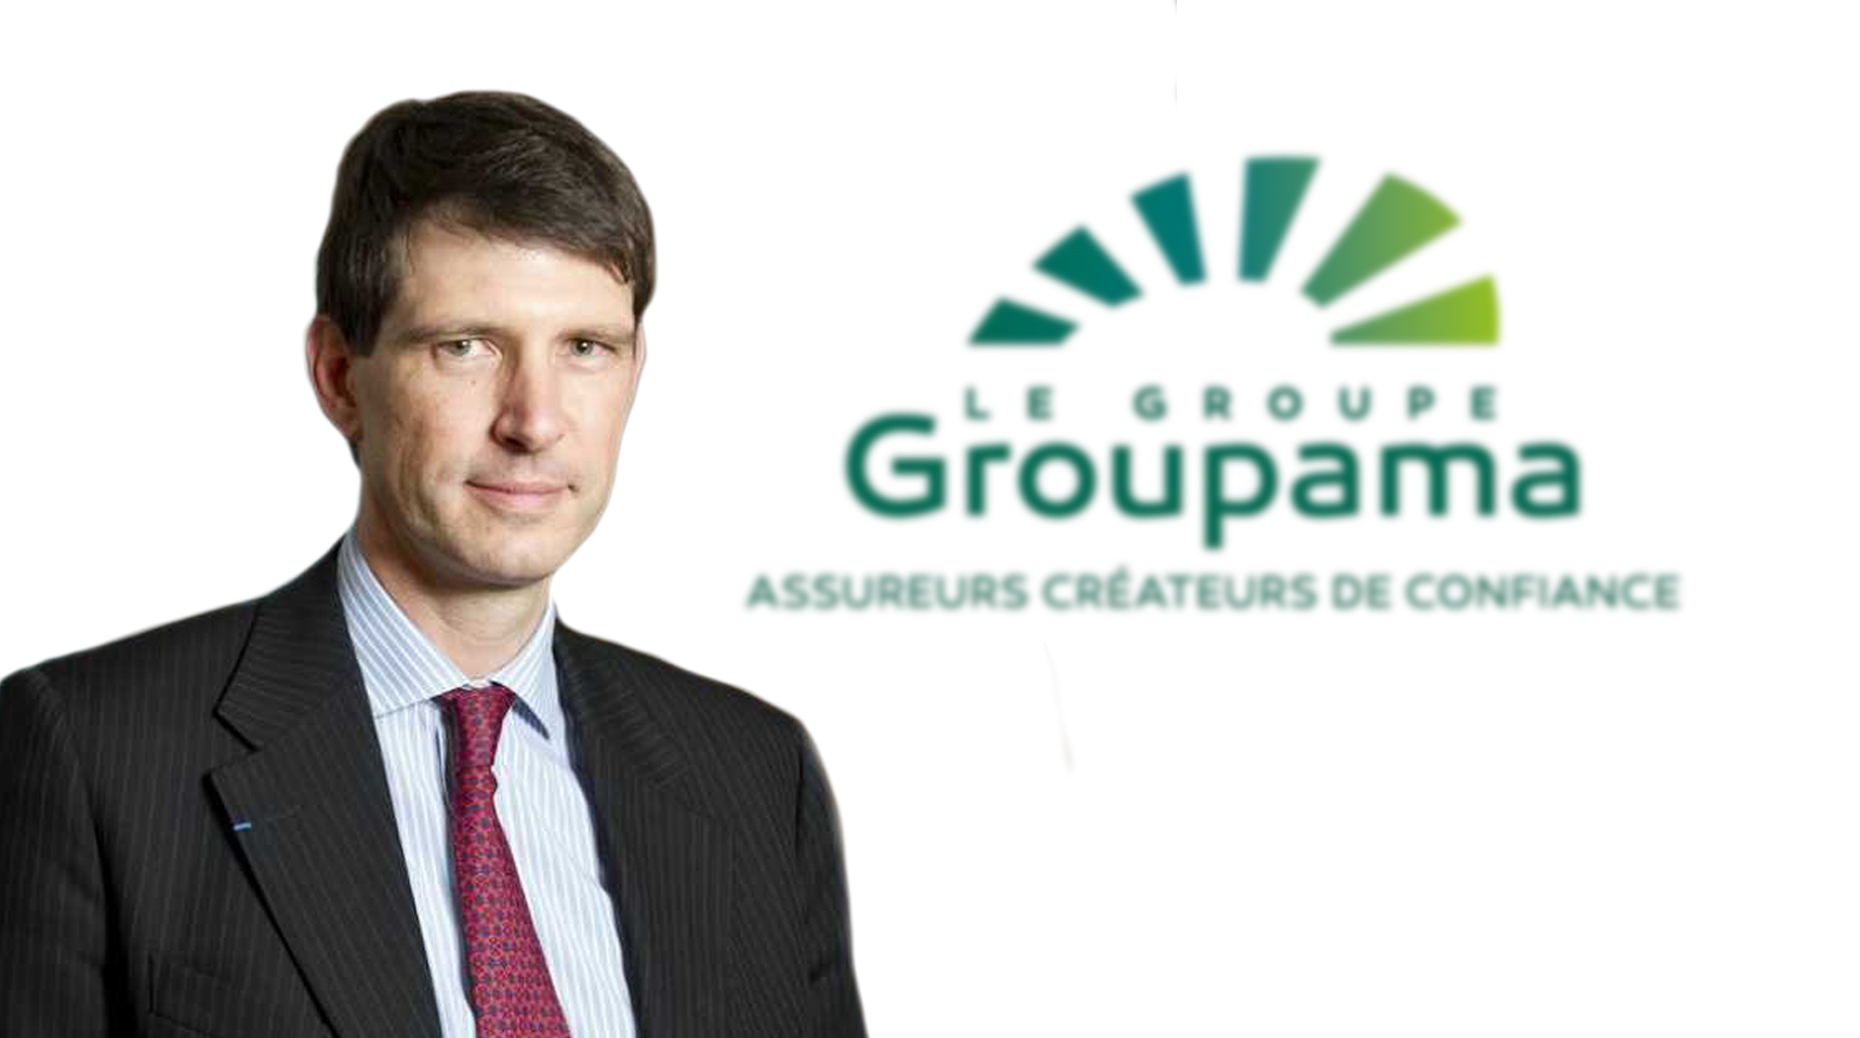 Résultats 2018: La France porte la croissance de Groupama